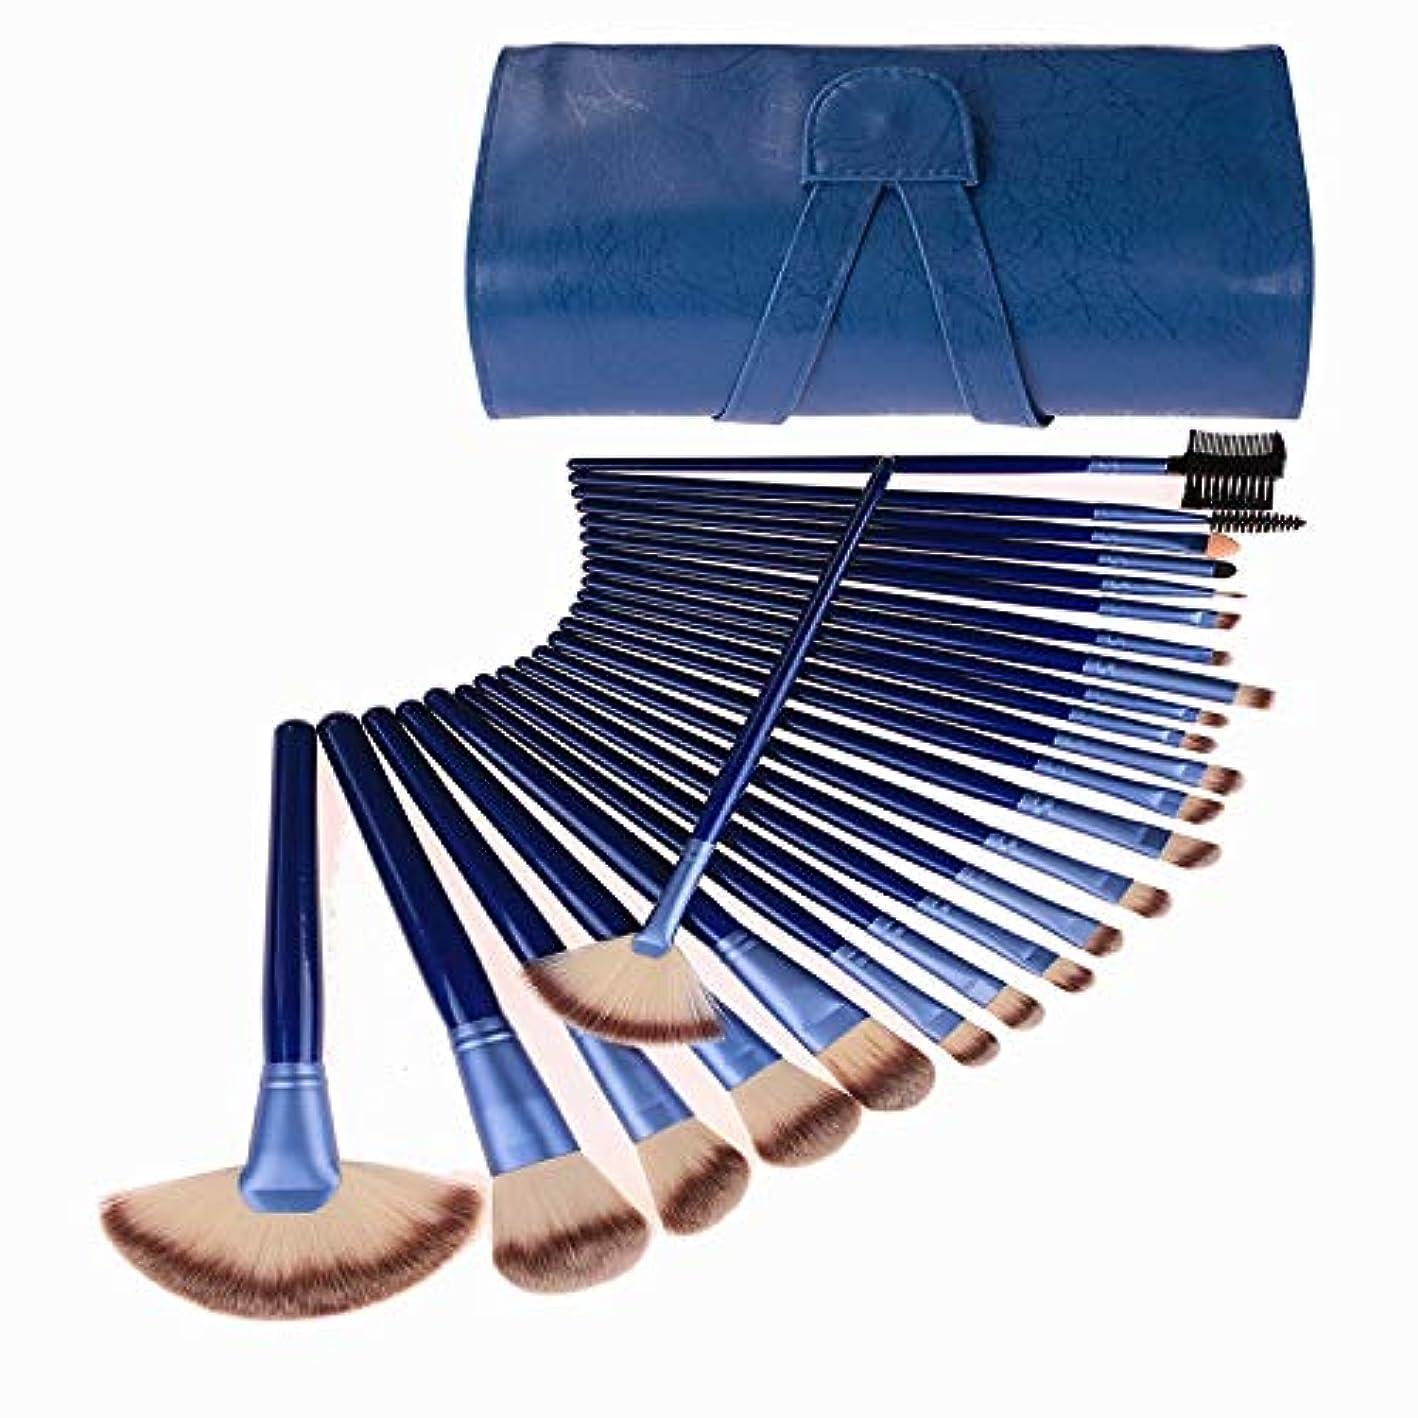 遅らせる背が高い余計な化粧ブラシスタートメーカー24個天然竹化粧ブラシセットビーガンプロ化粧品歌舞伎ブラシ化粧ブラシセット非常に柔らかい化粧ブラシセット美容スポンジ (Color : Blue)